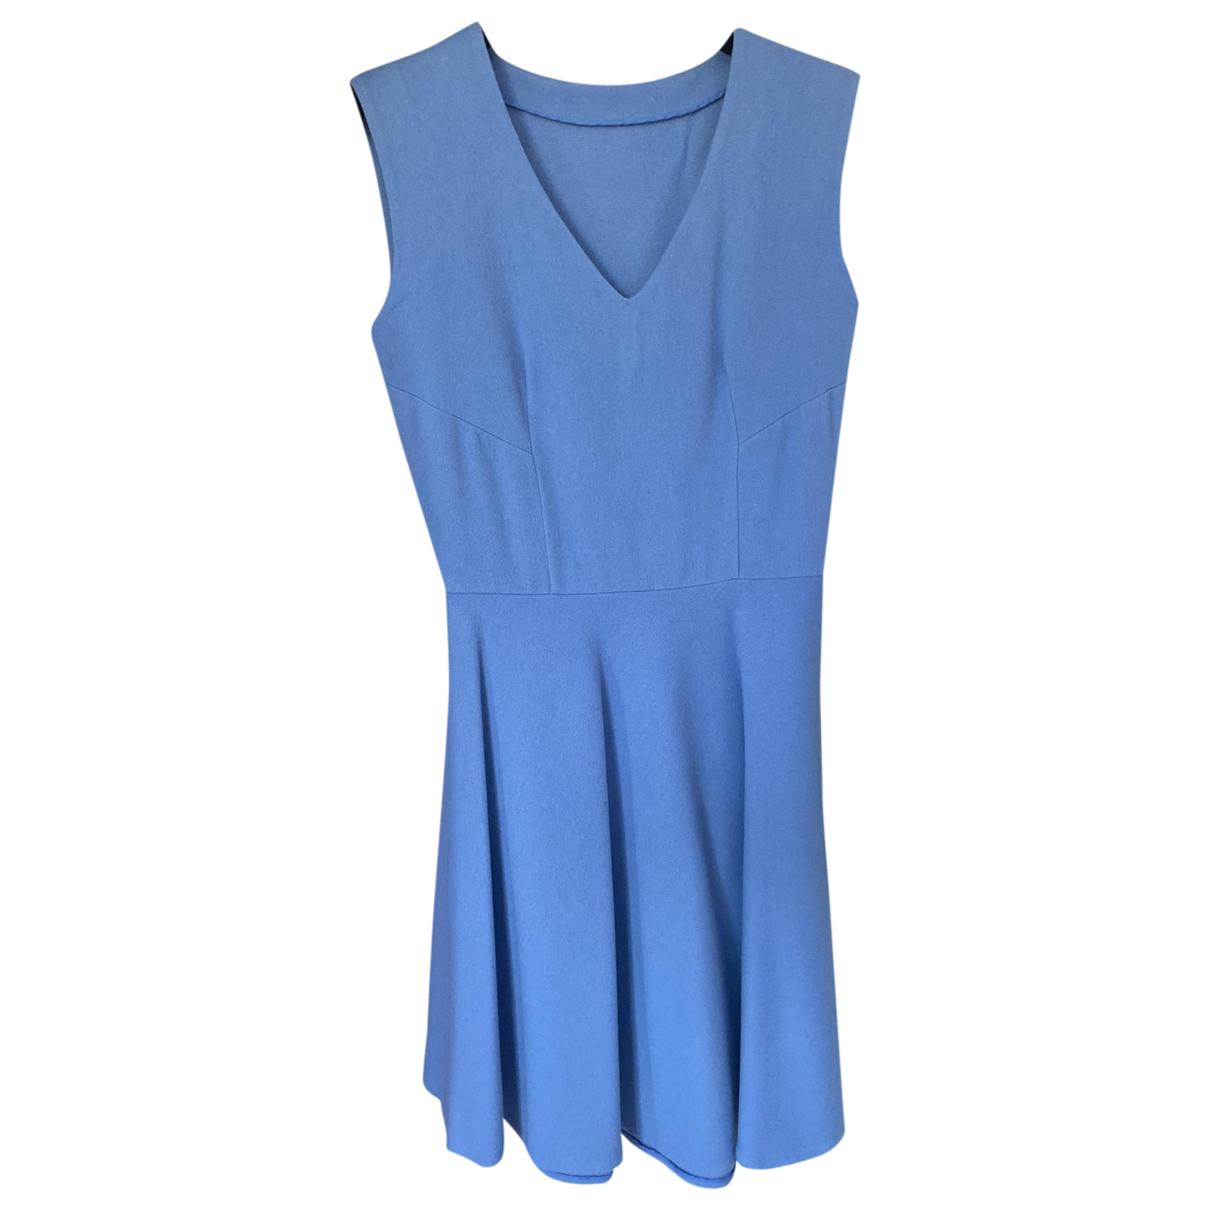 Ermanno Scervino \N Kleid in  Blau Wolle